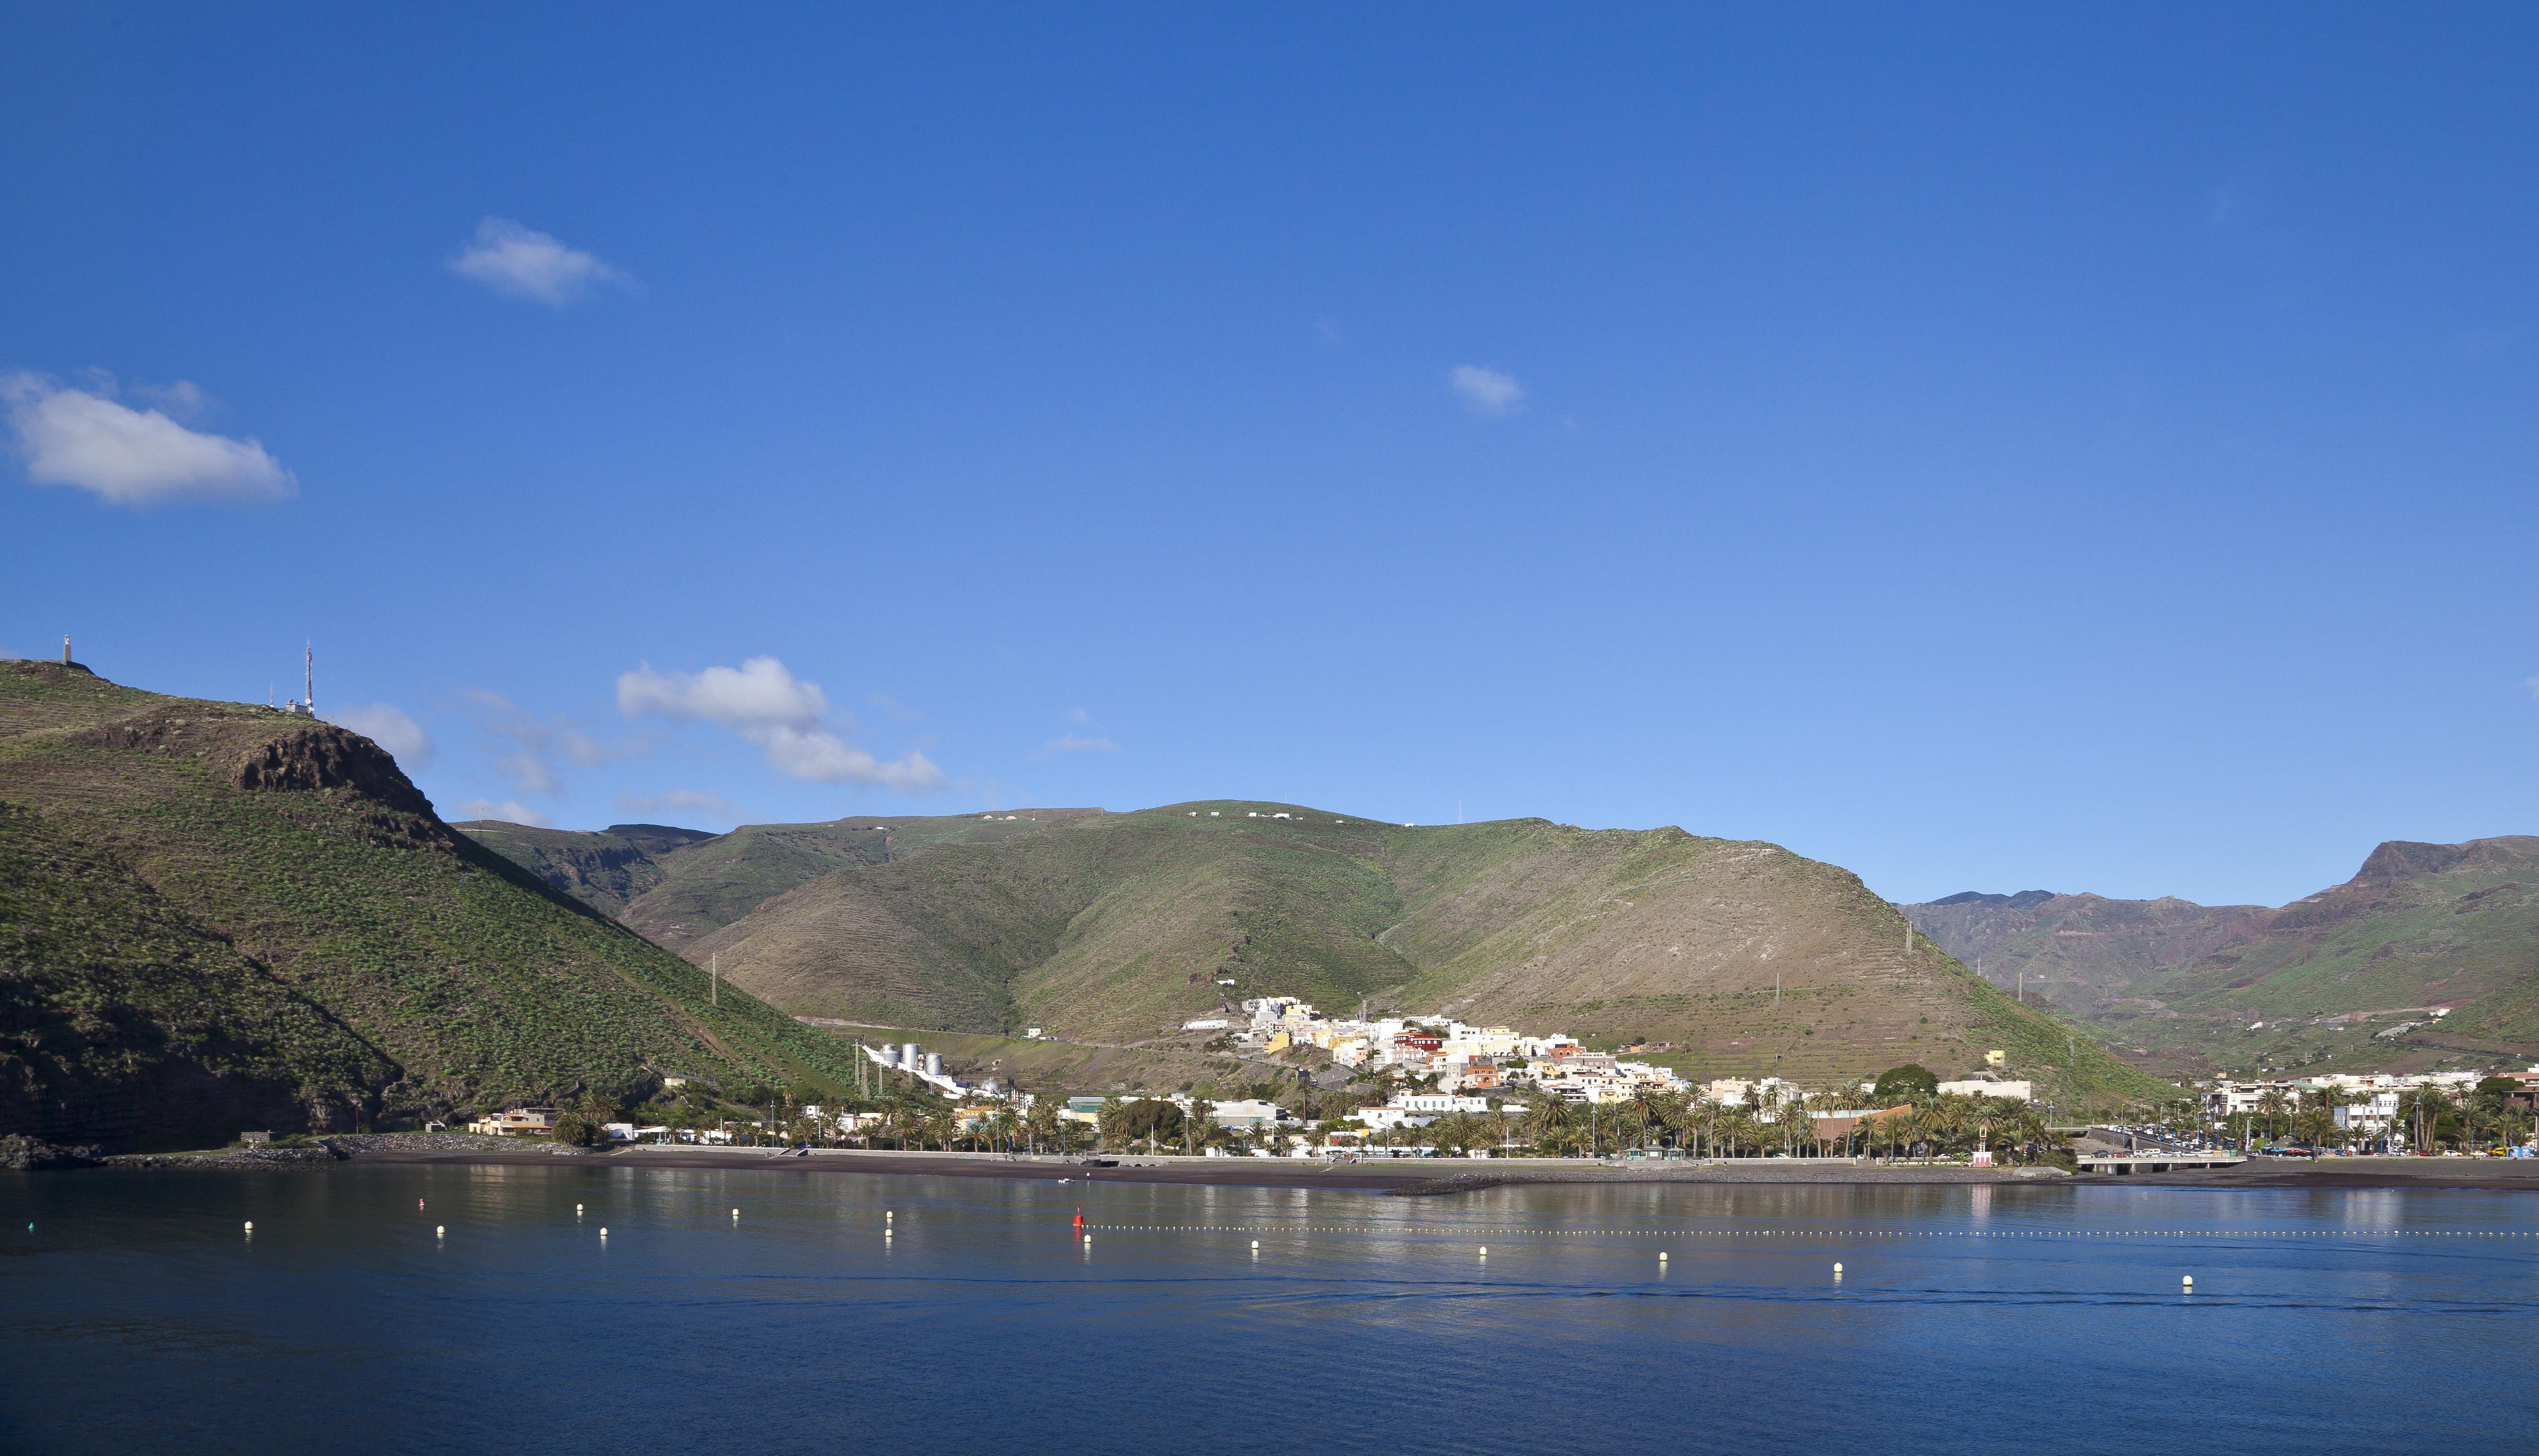 La Gomera Spain  city pictures gallery : San Sebastián de la Gomera, La Gomera, España, 2012 12 14, DD ...